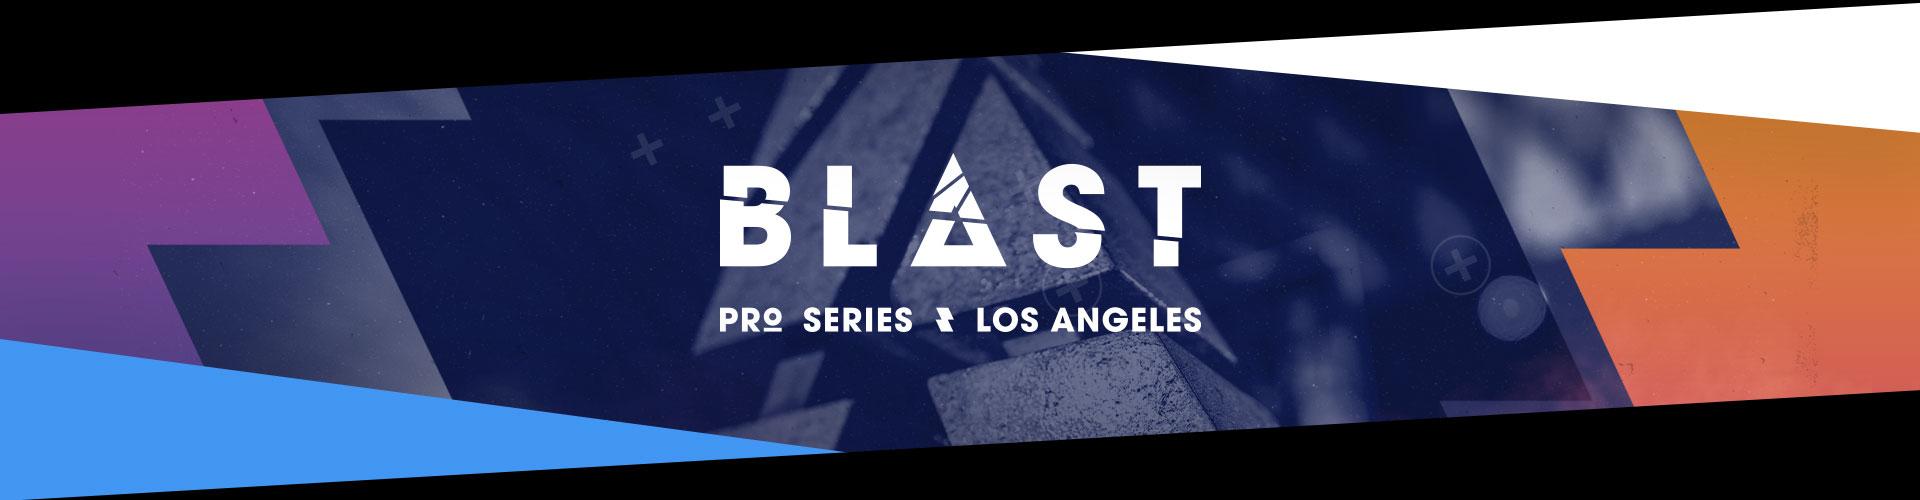 BLAST Pro Series Los Angeles har avgjorts och Liquid står som vinnare!